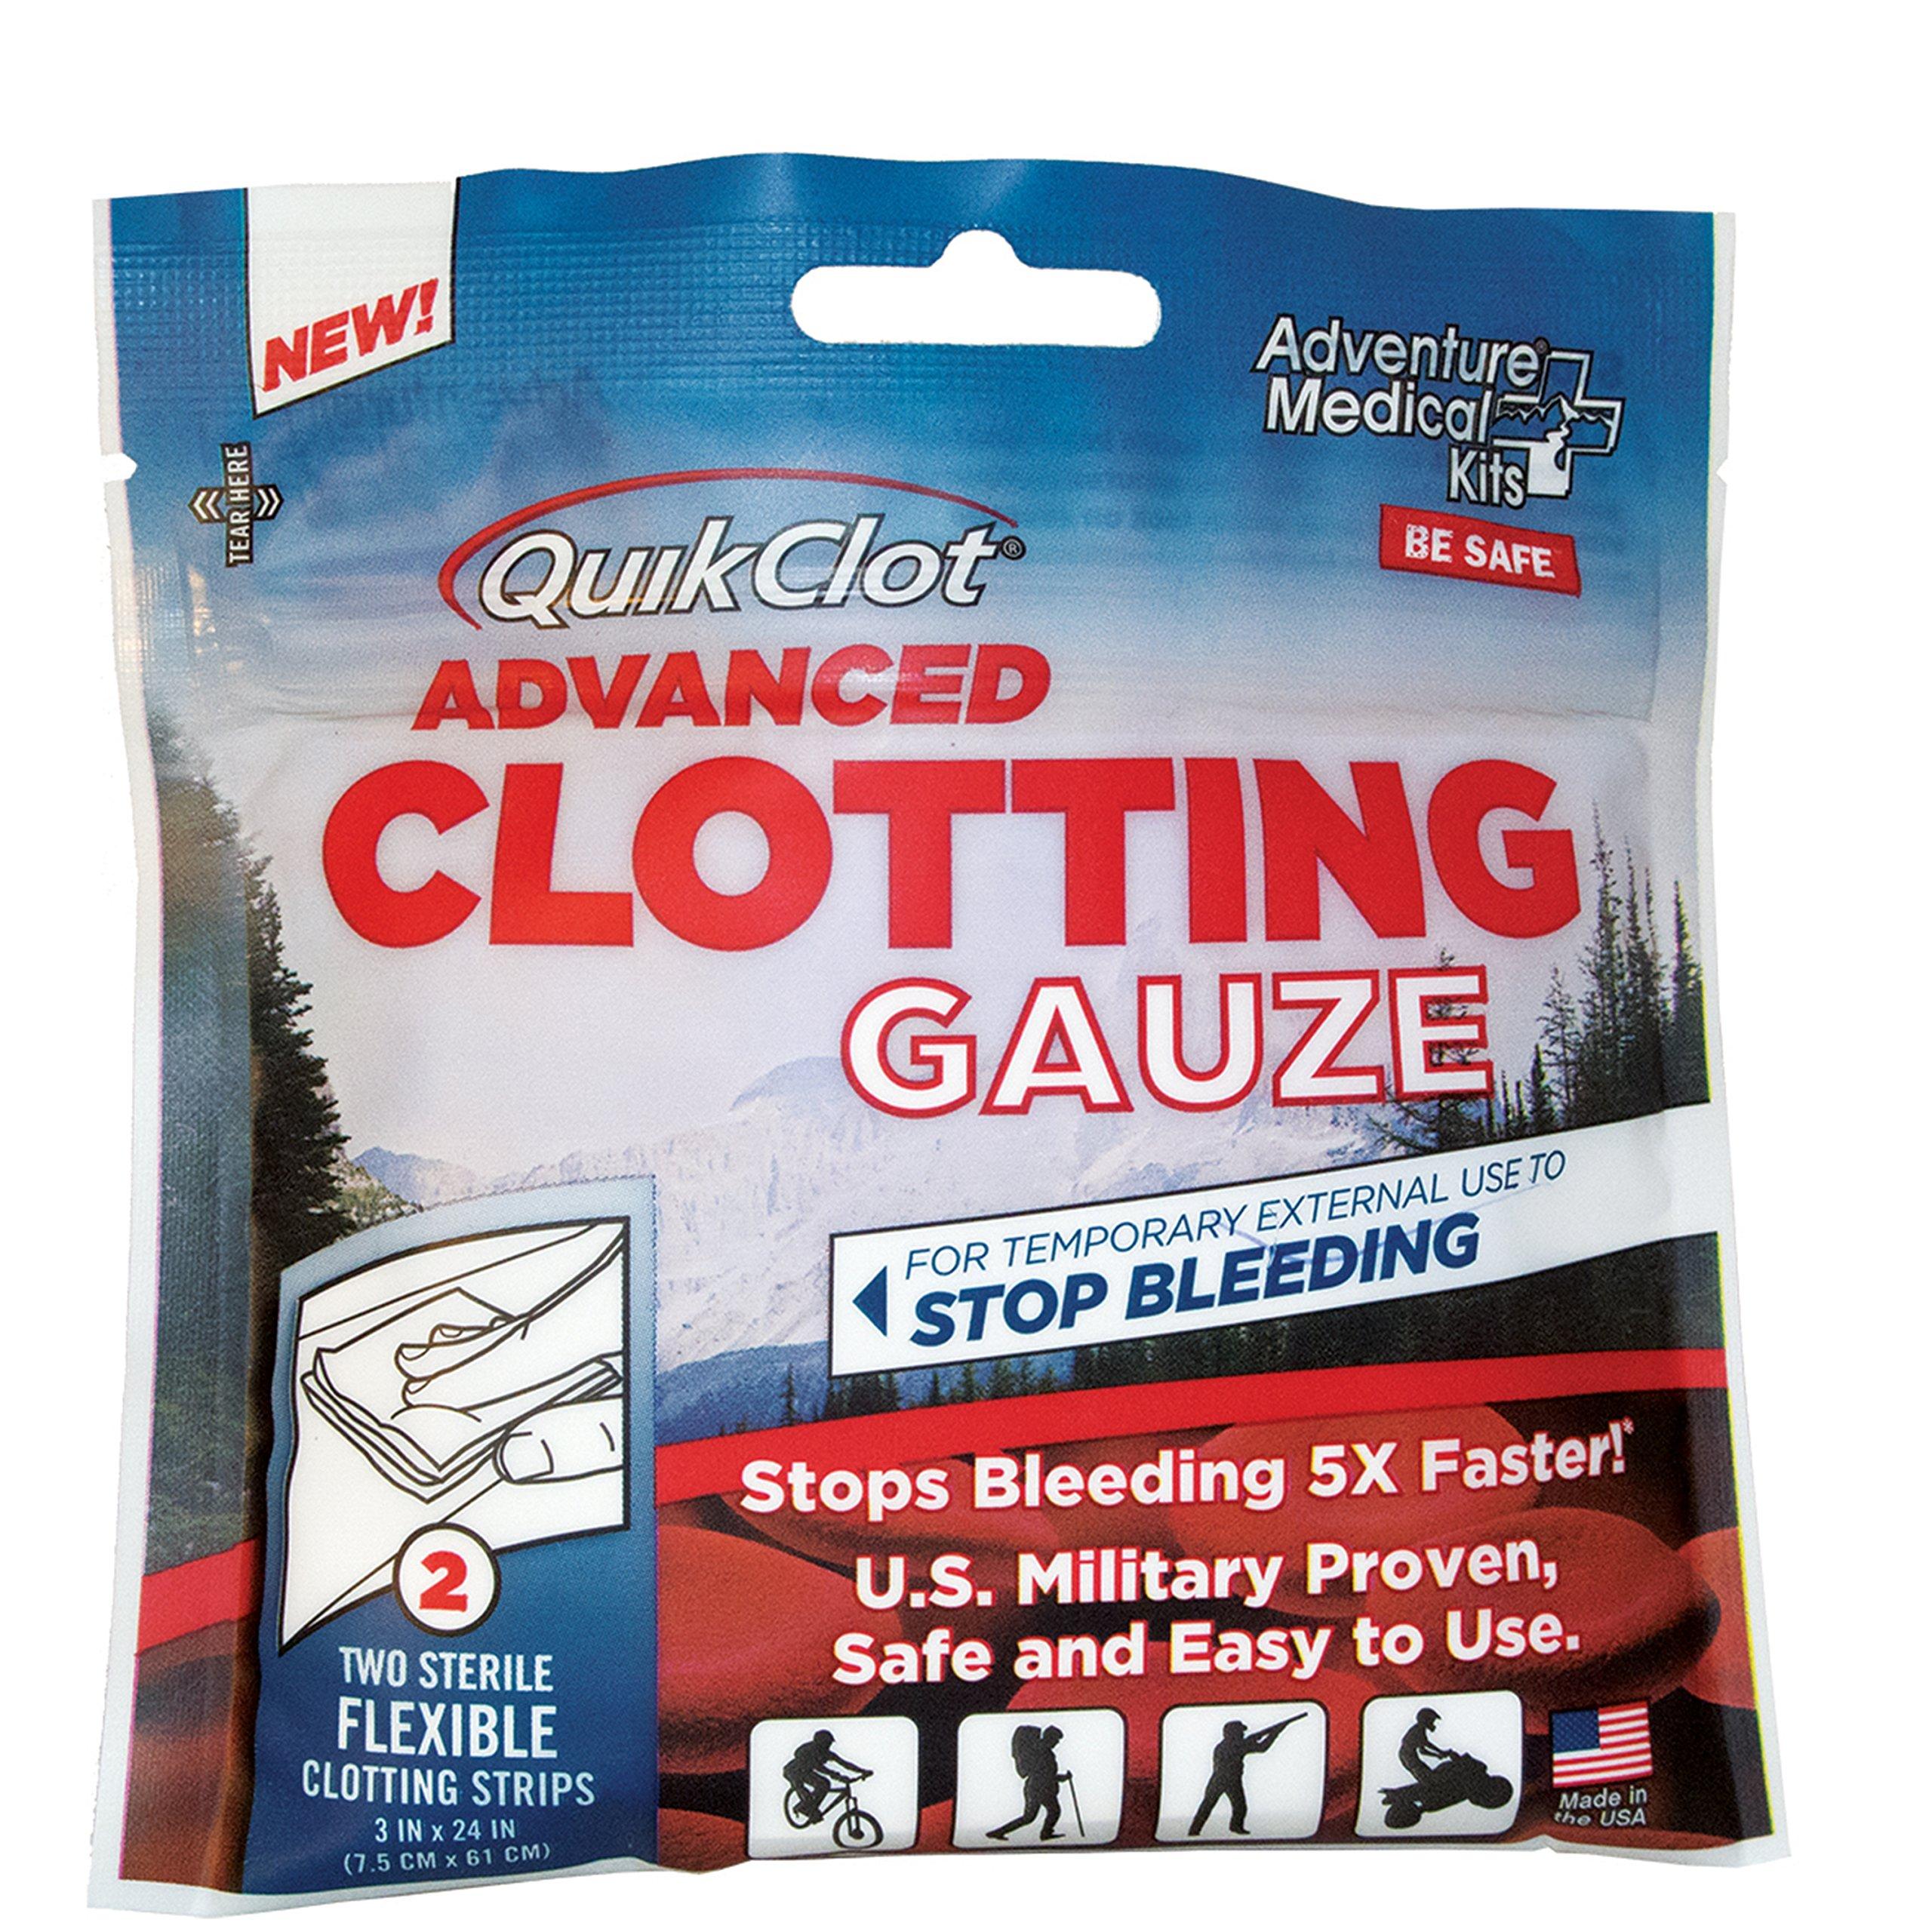 Adventure Medical Kits AMK Quickclot Advanced Clotting Gauze by Adventure Medical Kits